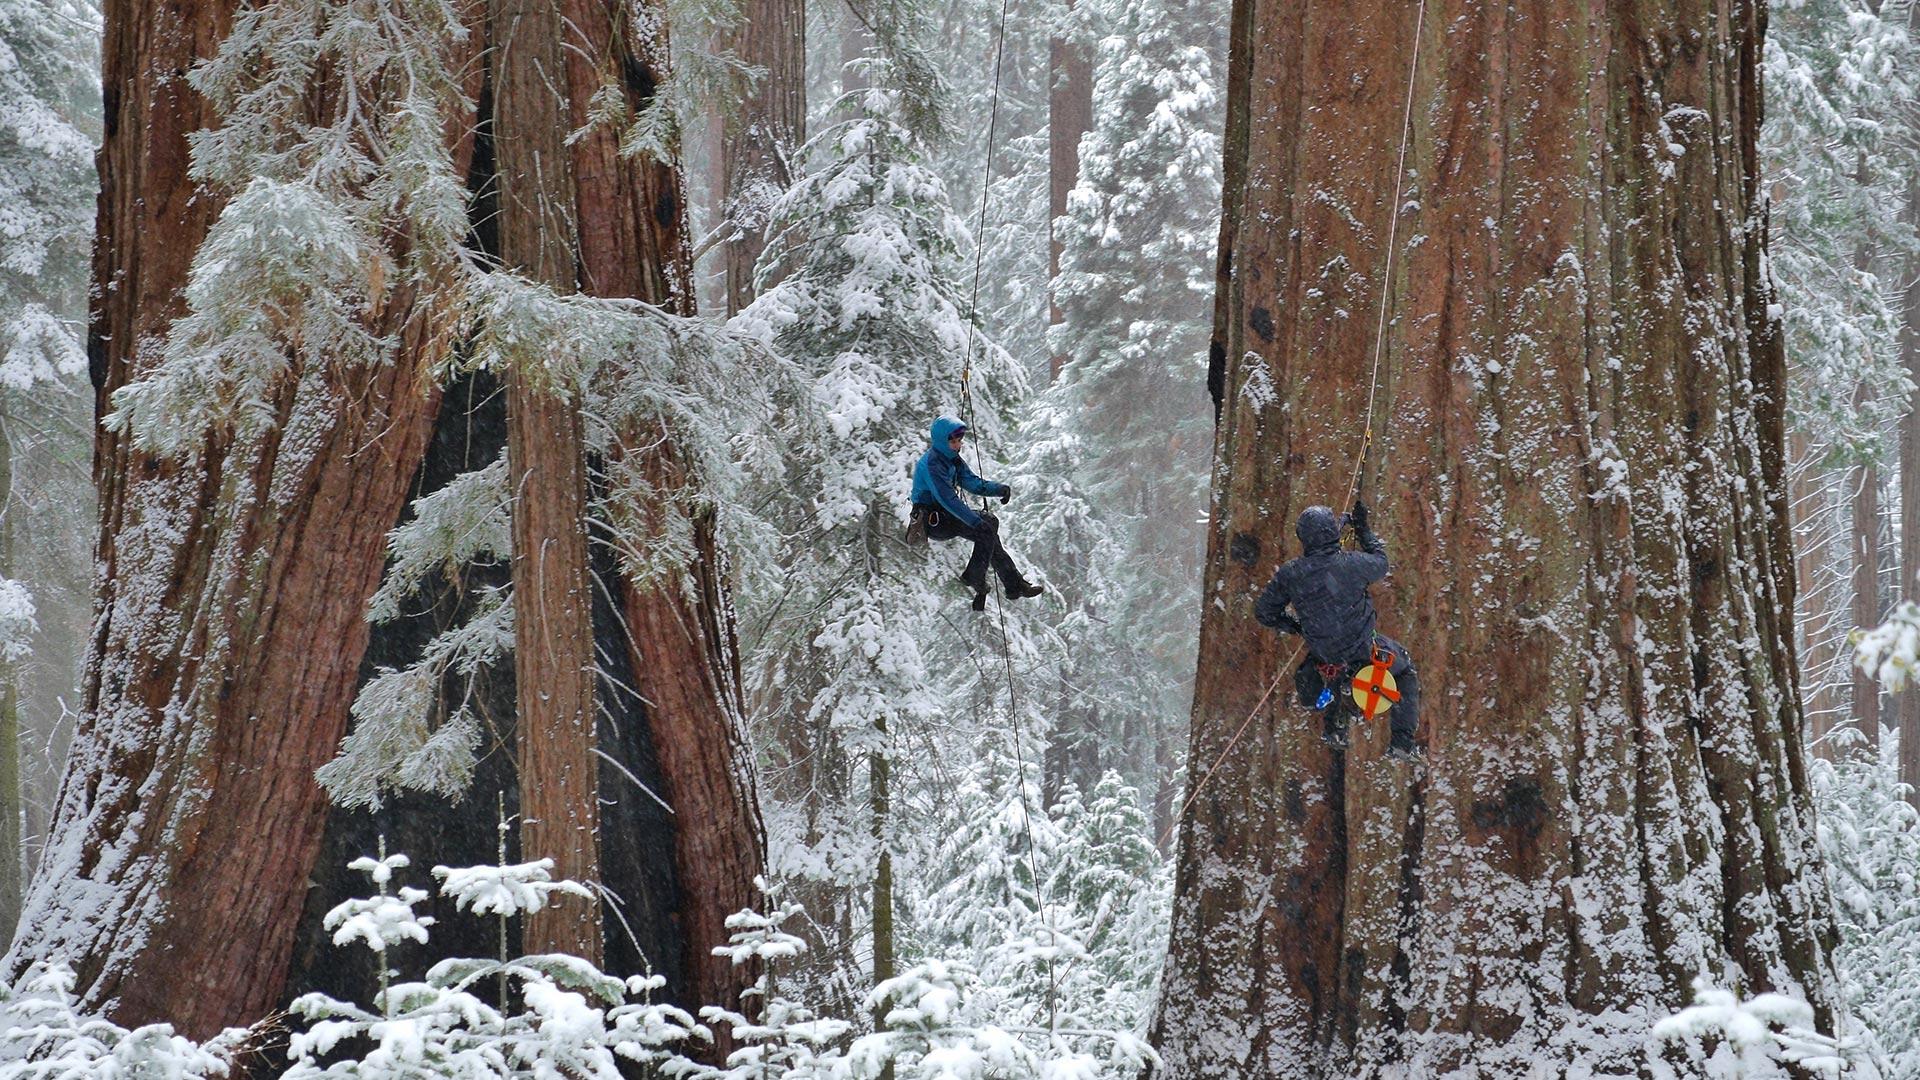 nature_yosemite_sequoia_hero